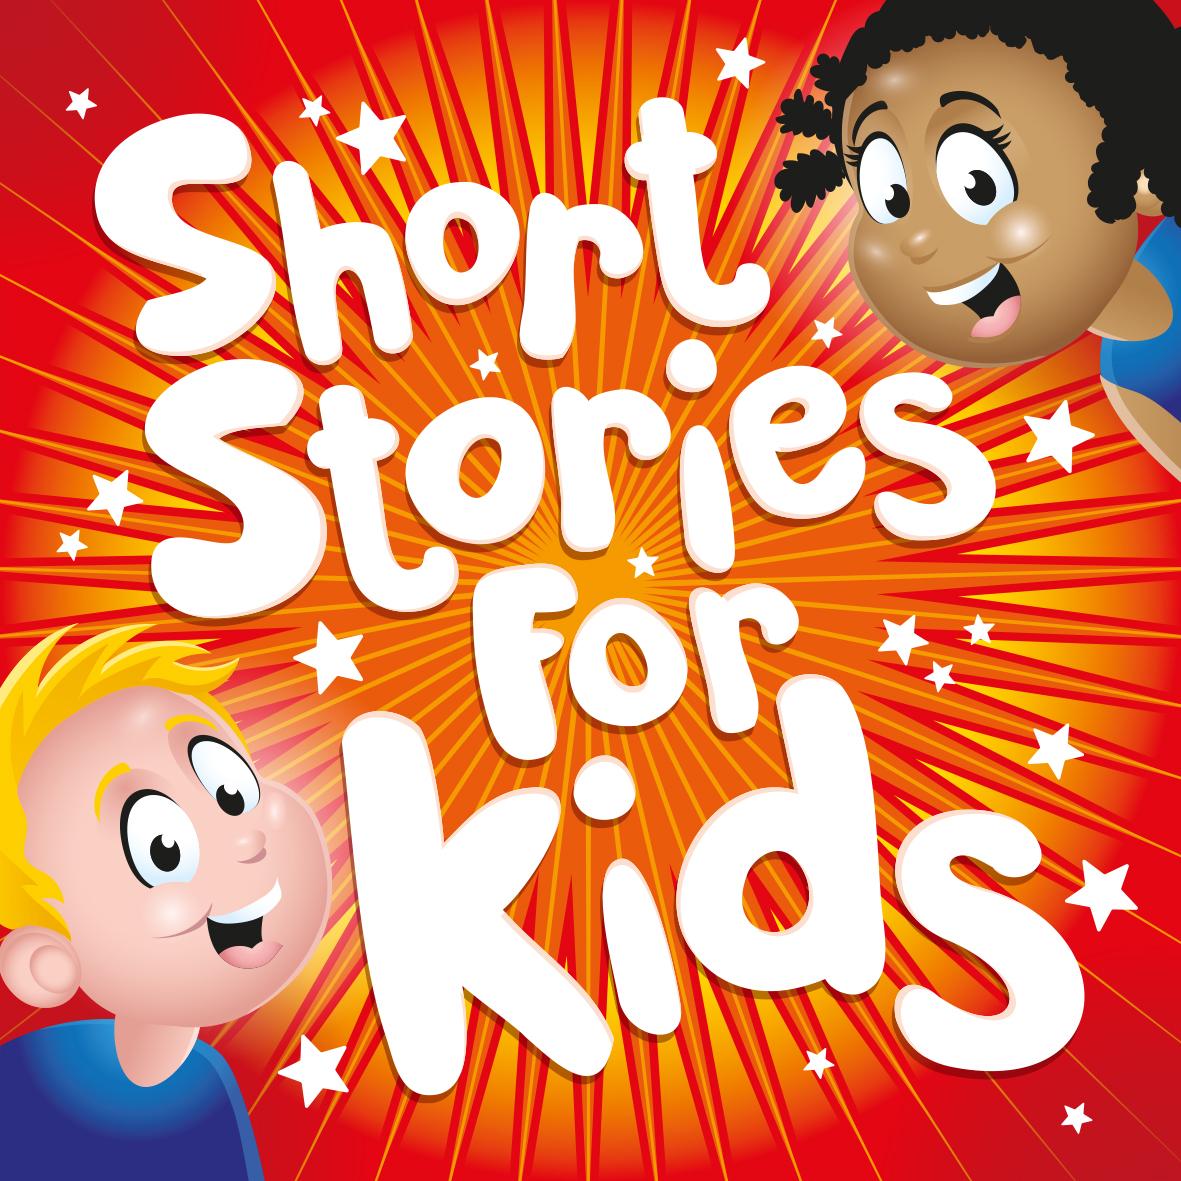 Short Stories For Kids podcast logo